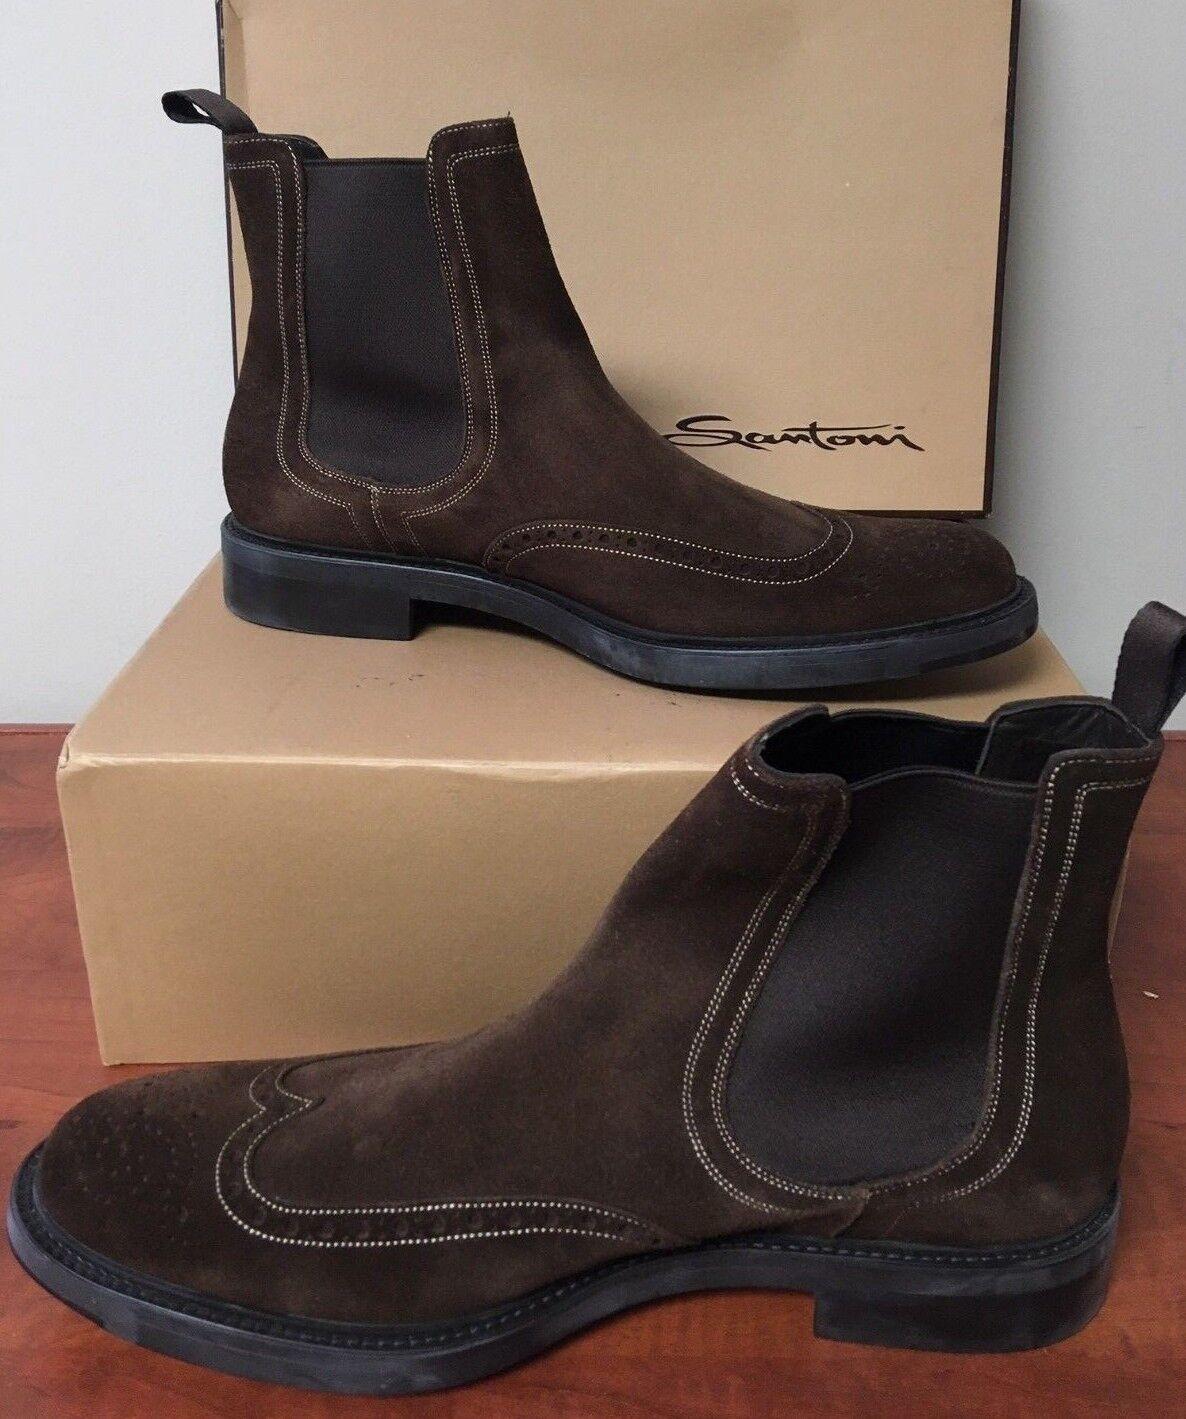 3df26a221d5 Santoni Brown Suede Brogue Boots - Men s 10 US Chelsea Size ...